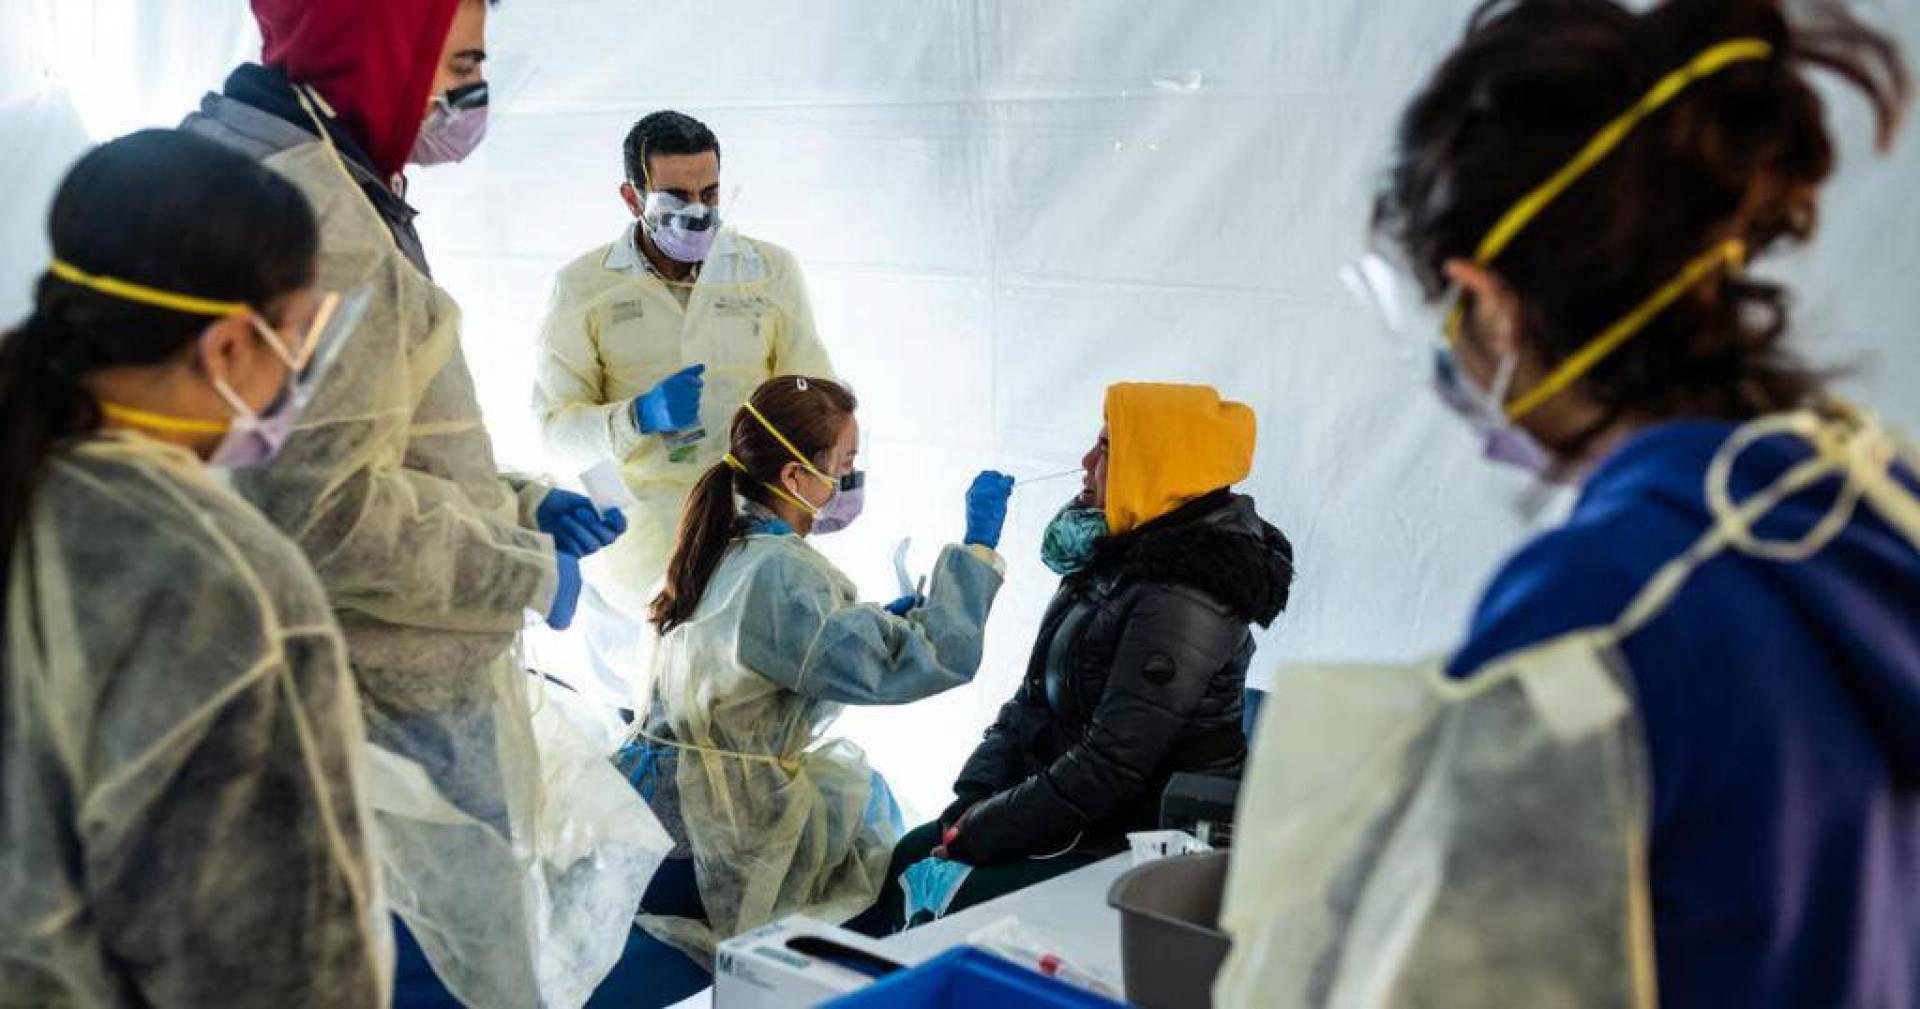 تطوير عقار جديد لعلاج مرضى كورونا في روسيا